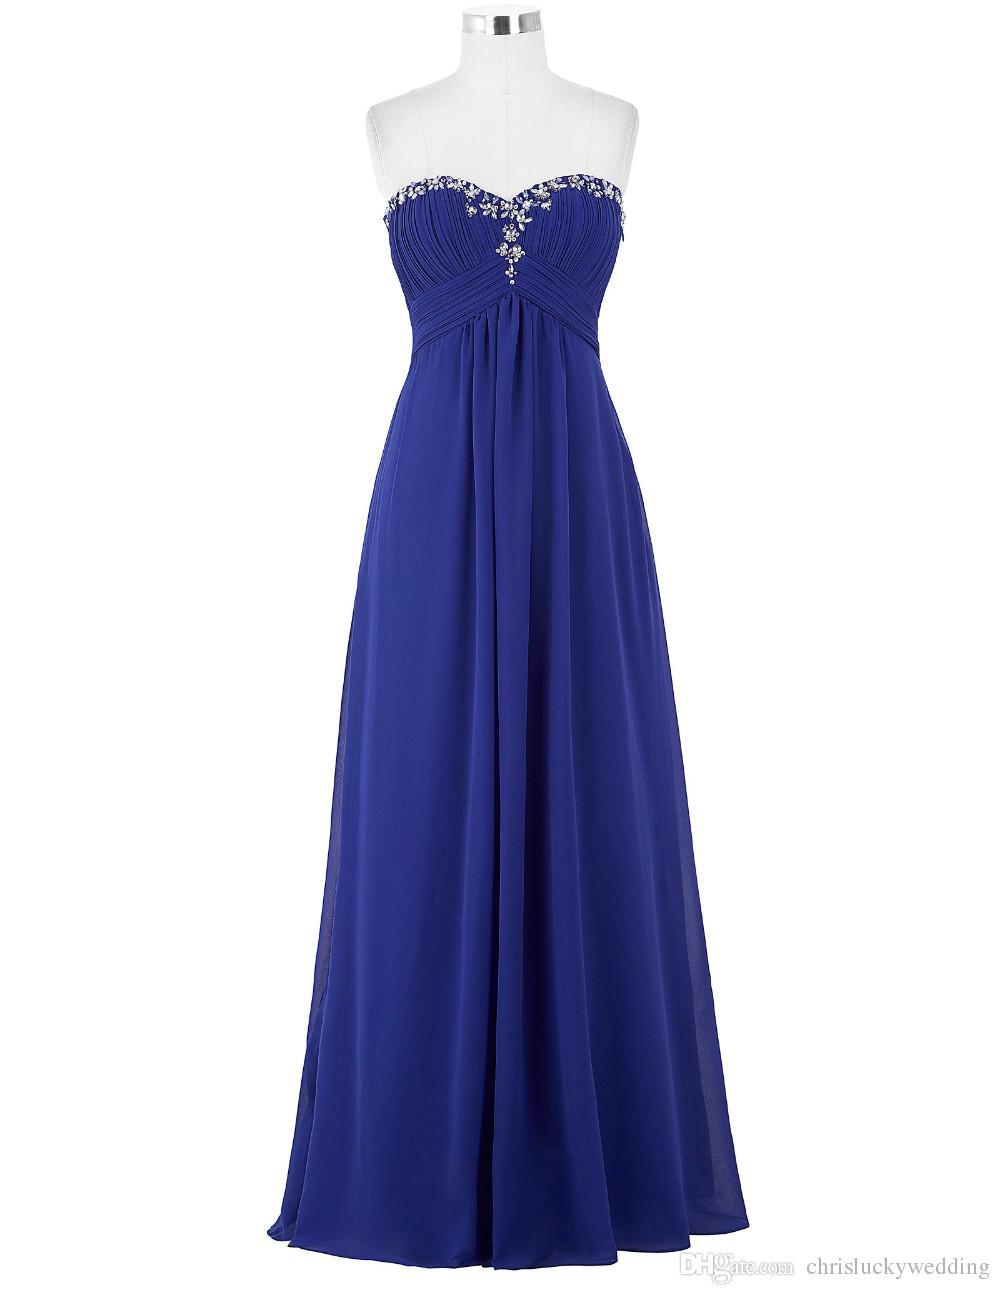 Günstige Schatz Grün Abendkleider Lange Formale Kleid Chiffon Prom Kleider 2017 Sexy Schwarz Lila Royal Blue Evening Party Kleider